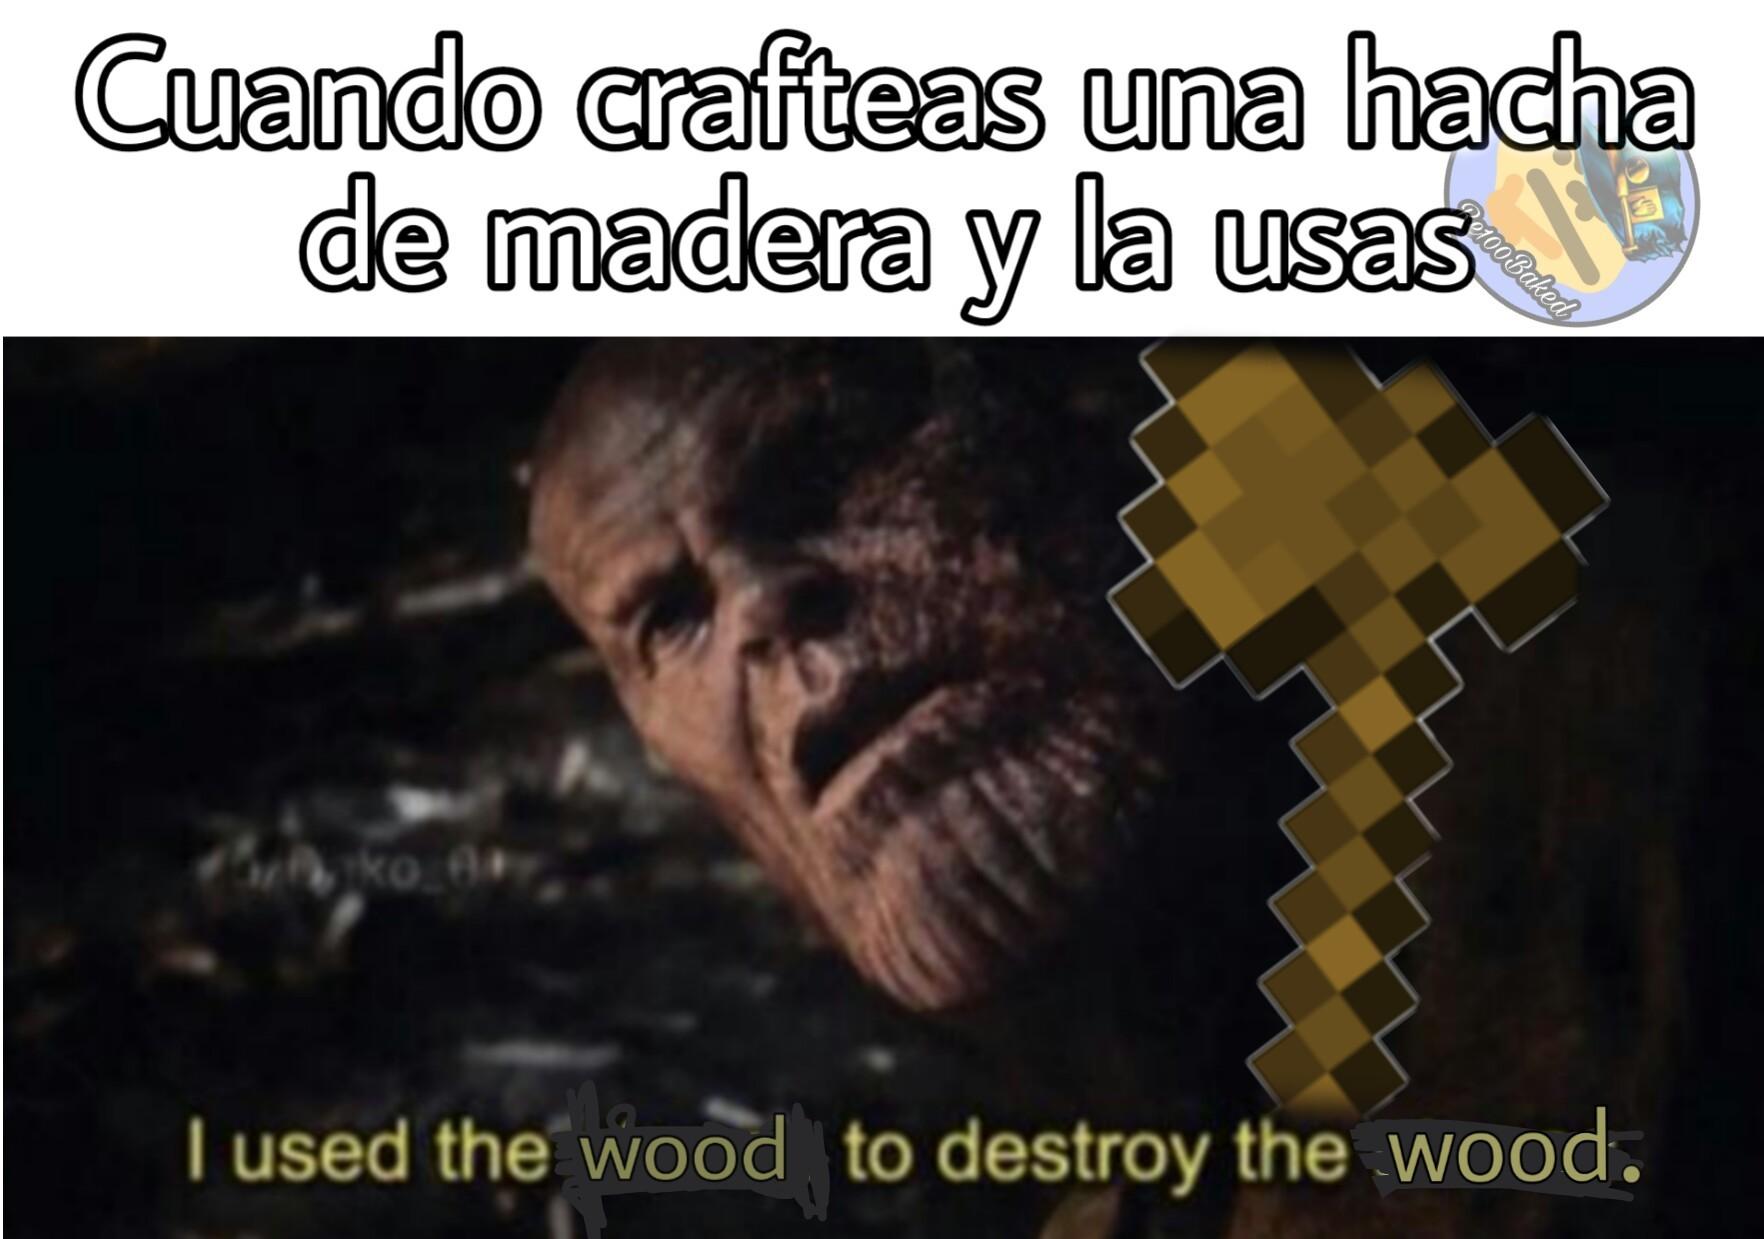 Sorry, no había plantilla en español - meme